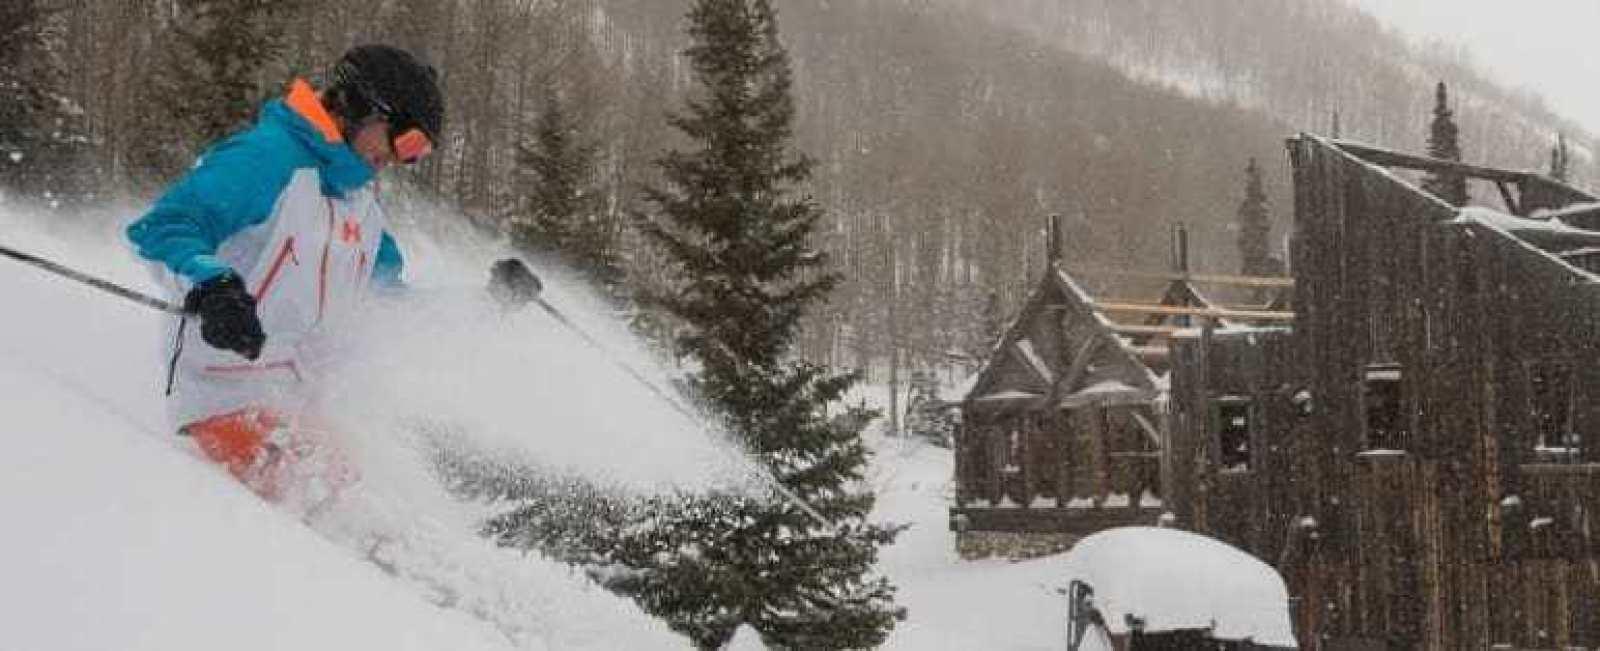 Park City Historic Mountain Tours